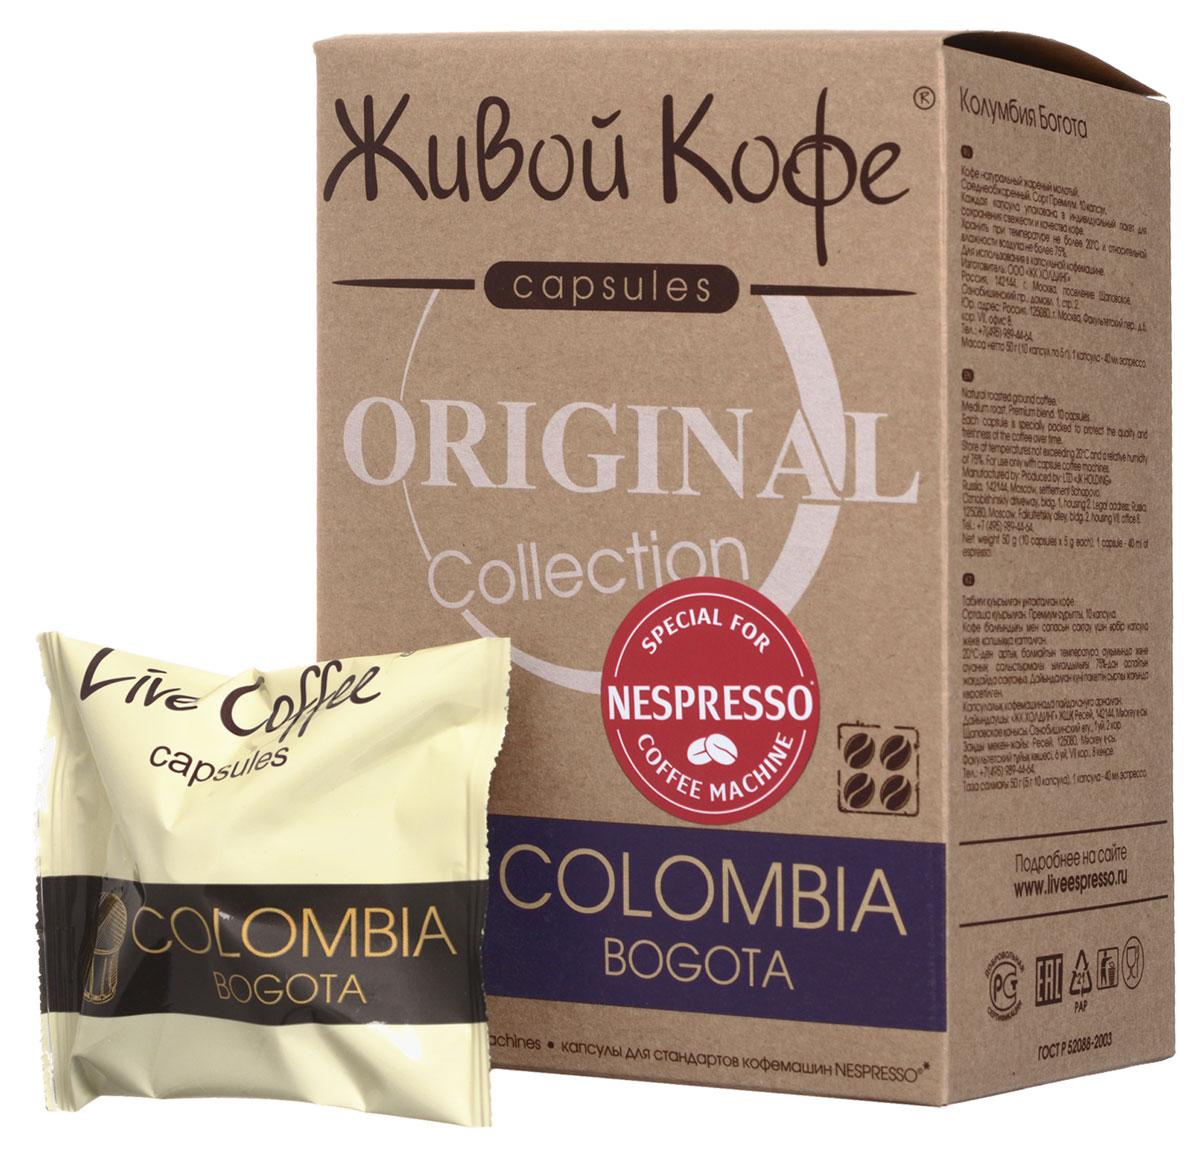 Живой Кофе Colombia Bogota кофе в капсулах (индивидуальная упаковка), 10 штУПП00003792Живой Кофе Colombia Bogota - натуральный молотый кофе средней обжарки в капсулах. Кофейные деревья в Колумбии сажают в тени банановых пальм, тем самым защищая их от латиноамериканского солнца. Вкусовые характеристики: ароматы трав и дыни, приятная горчинка, винные нотки. Каждая капсула упакована в индивидуальный пакет для сохранения свежести и качества кофе. Благодаря авторской технологии обжарки группы компаний Сафари кофе, напиток сохраняет свои уникальные свойства, заложенные самой природой.